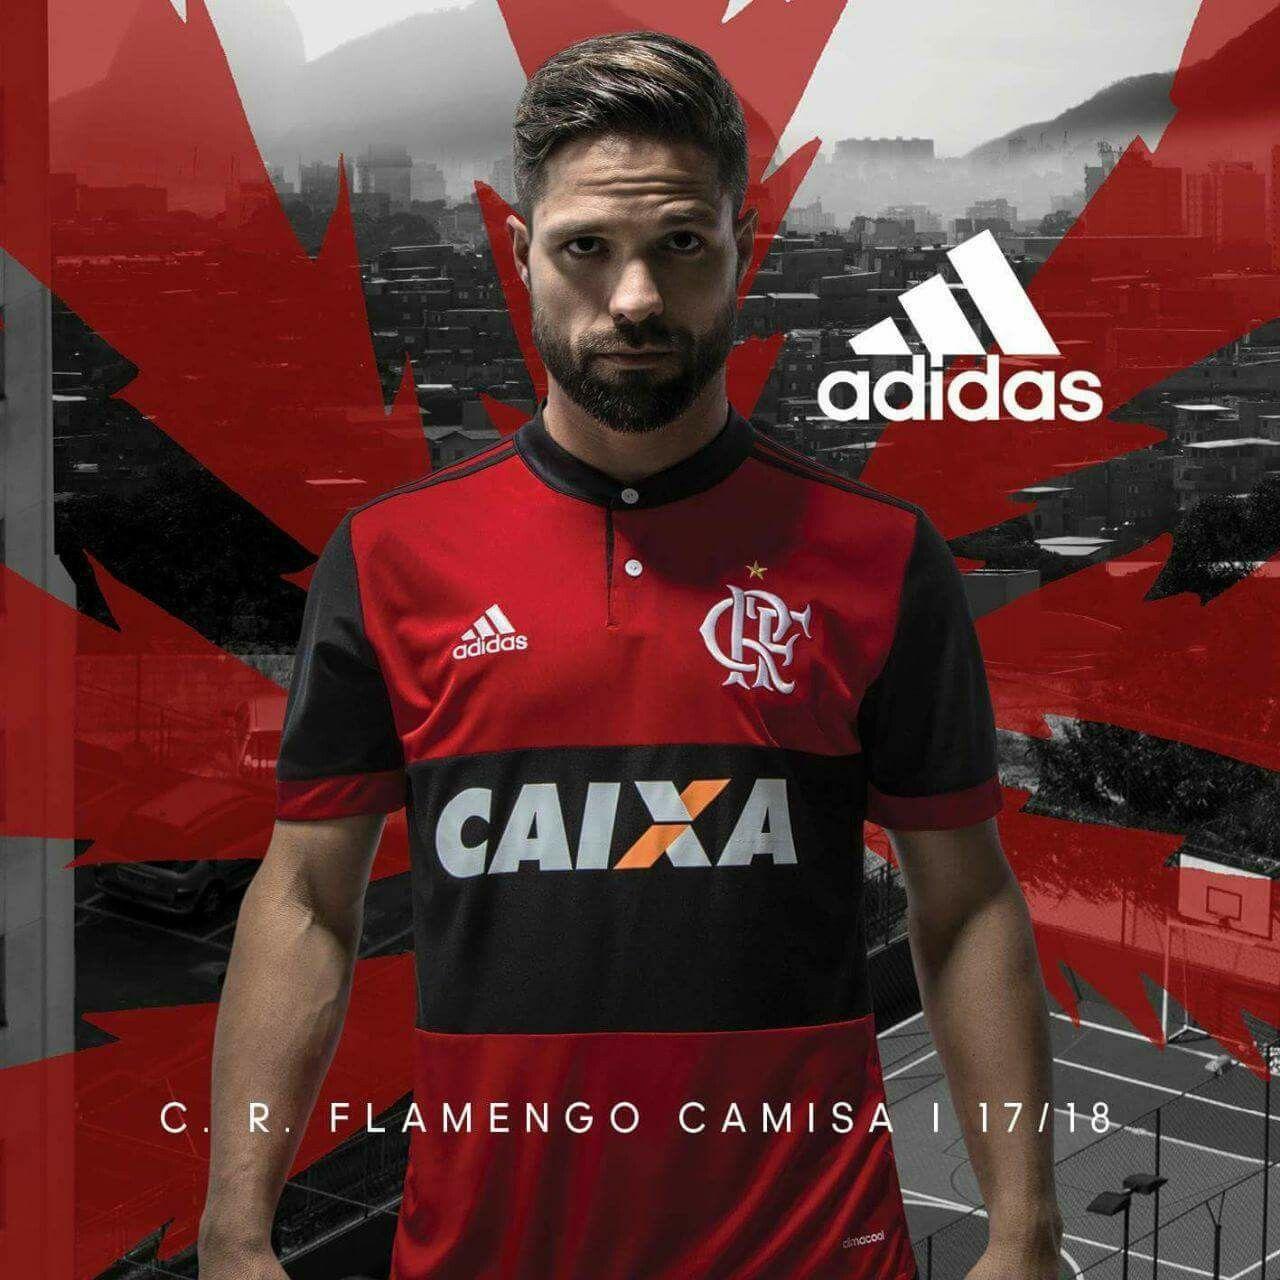 Diego Ribas - Camisa Flamengo 2017 2018  c5d8e5b151430